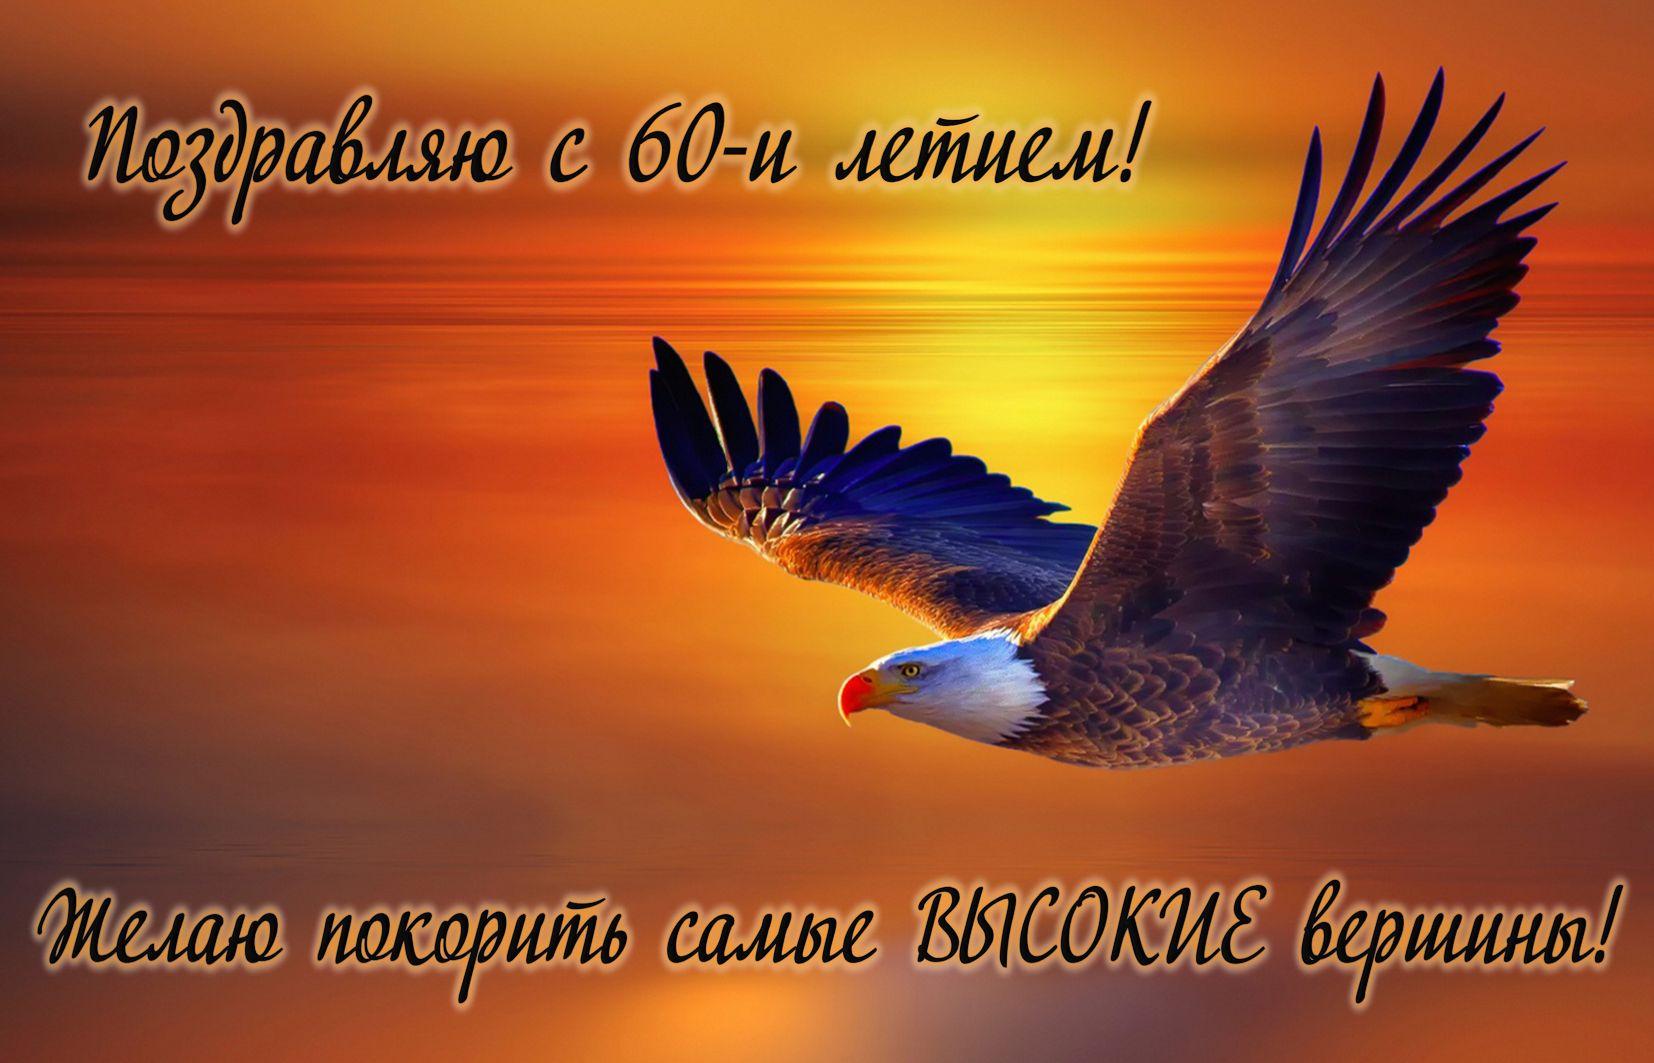 Открытка на юбилей 60 лет - орел летящий к вершинам на закате